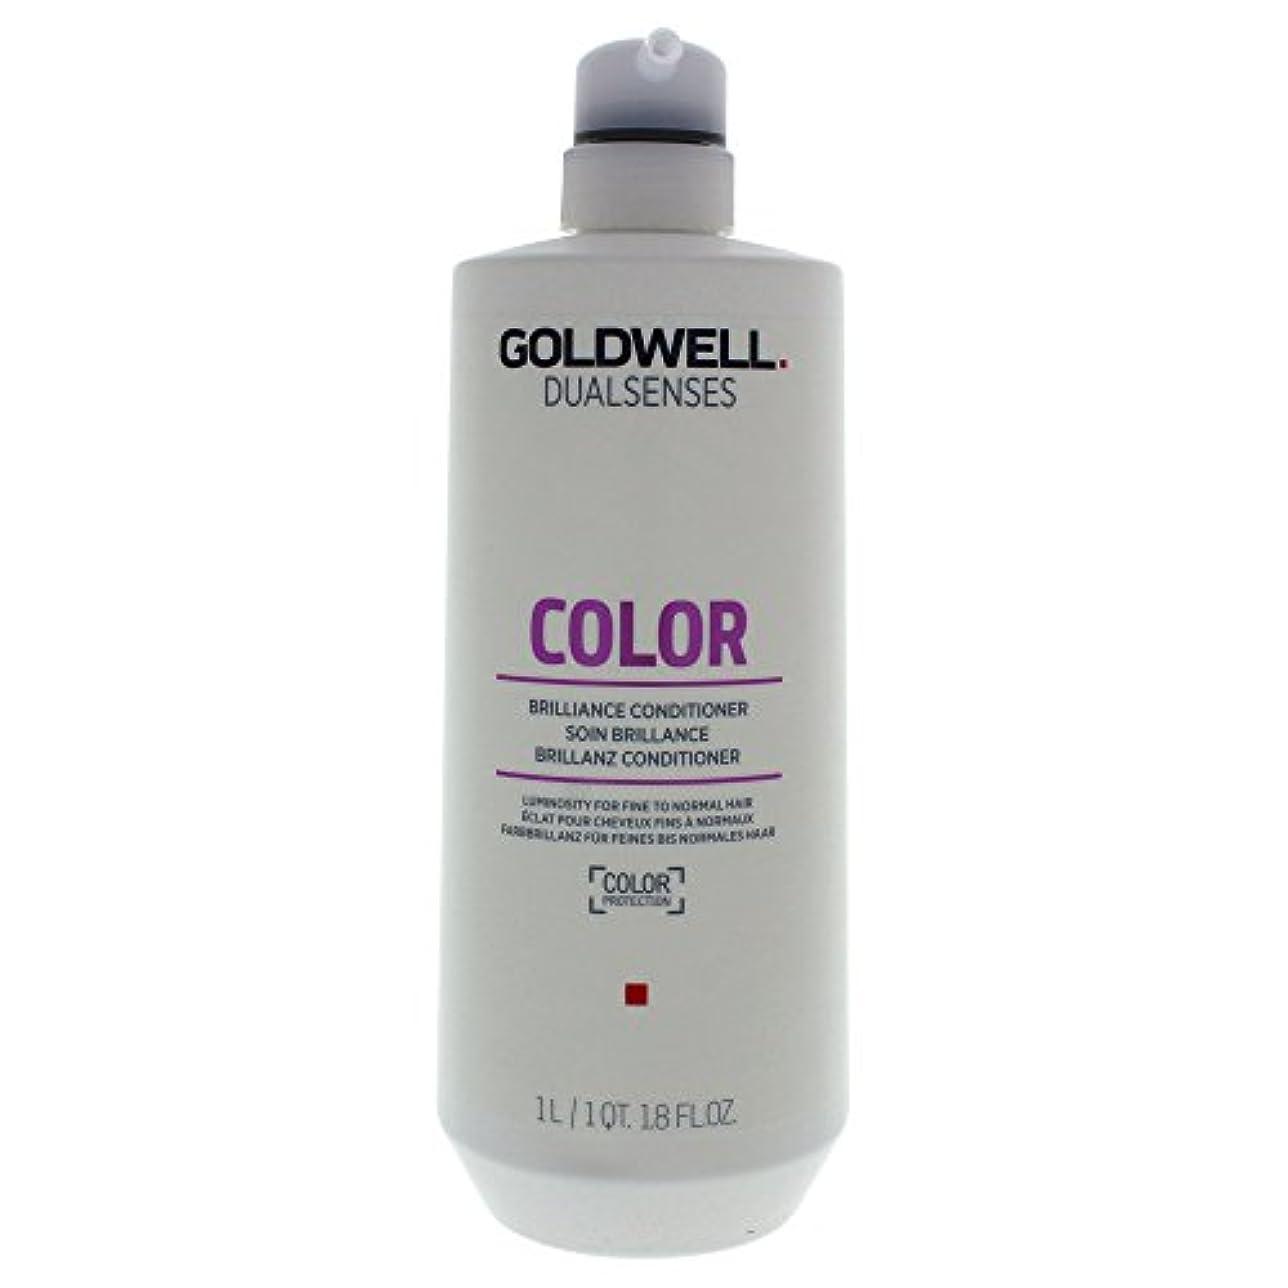 ゴールドウェル Dual Senses Color Brilliance Conditioner (Luminosity For Fine to Normal Hair) 1000ml